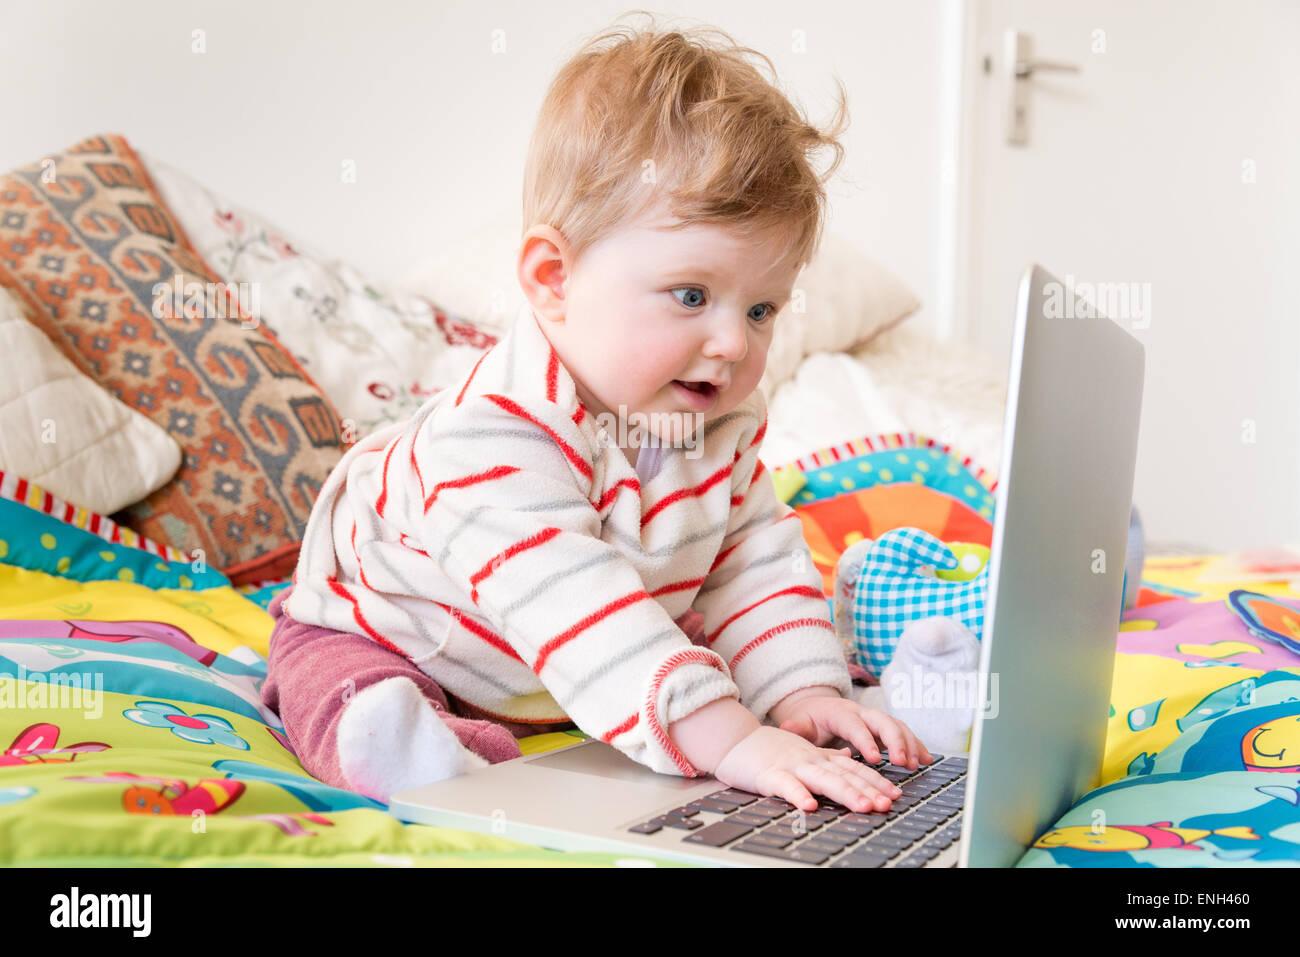 Bebé de 8 meses mediante ordenador portátil Imagen De Stock